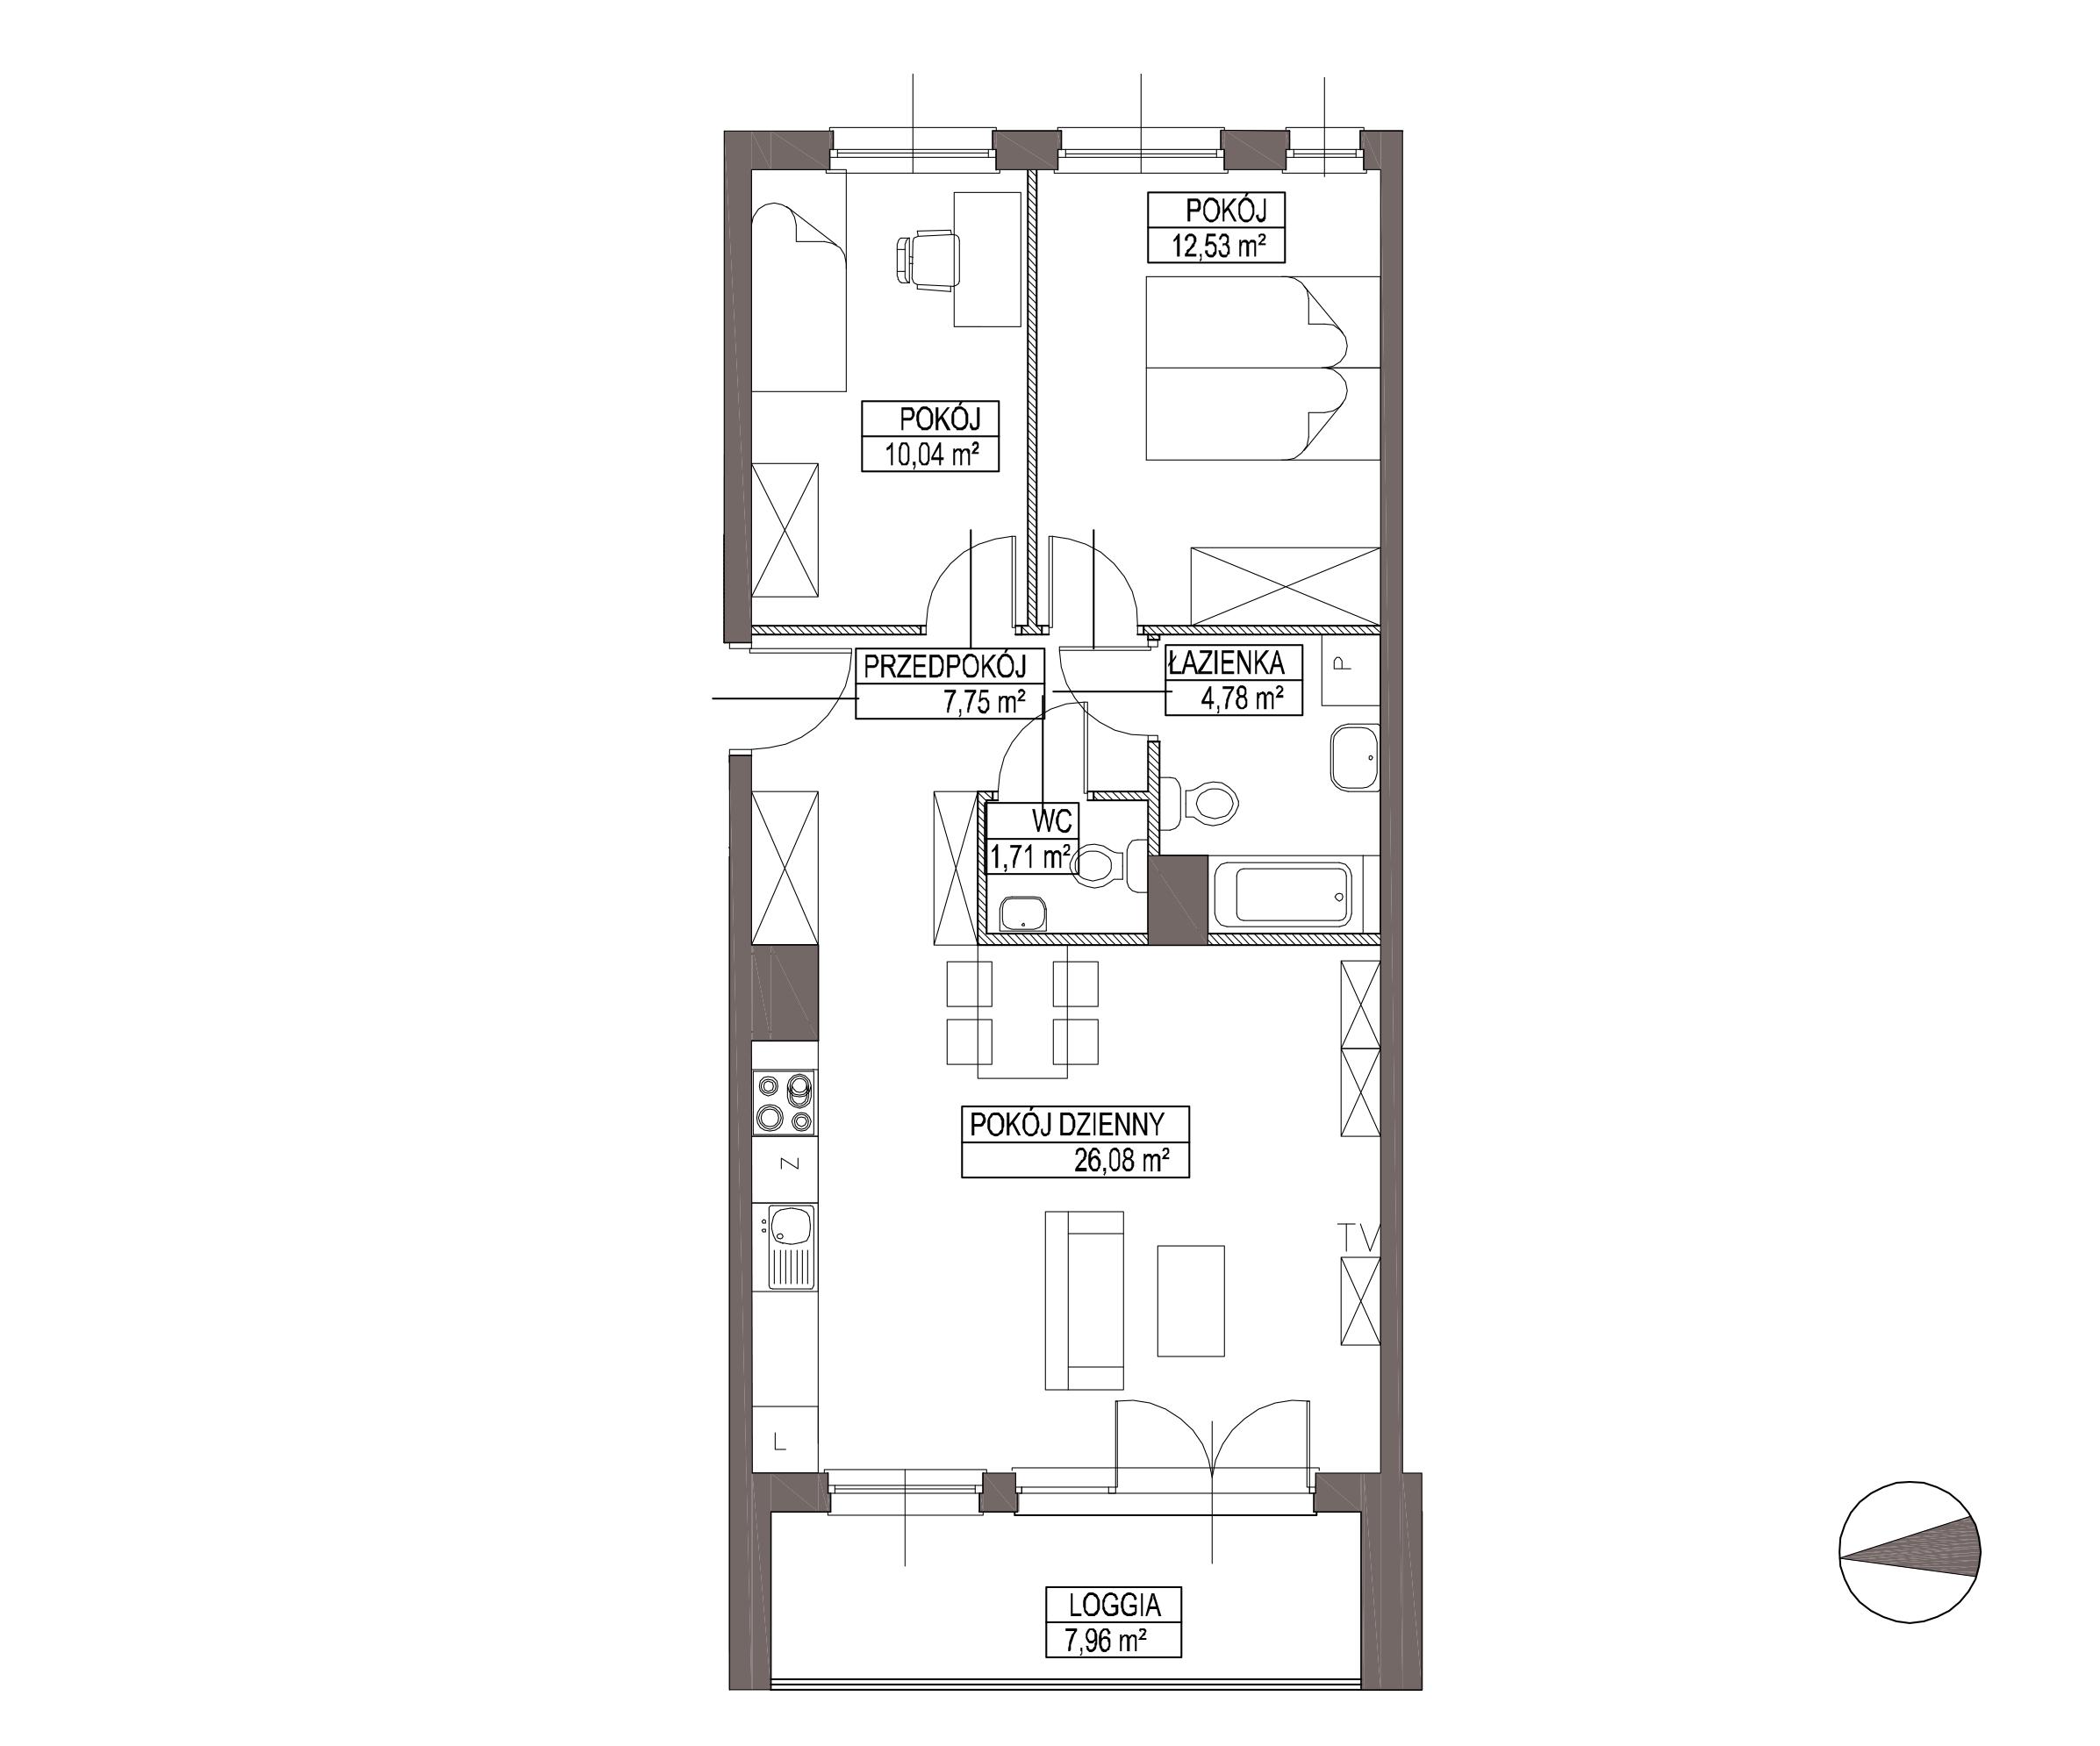 Kameralna Olszówka / budynek 1 / mieszkanie KO/B/2/1 rzut 1